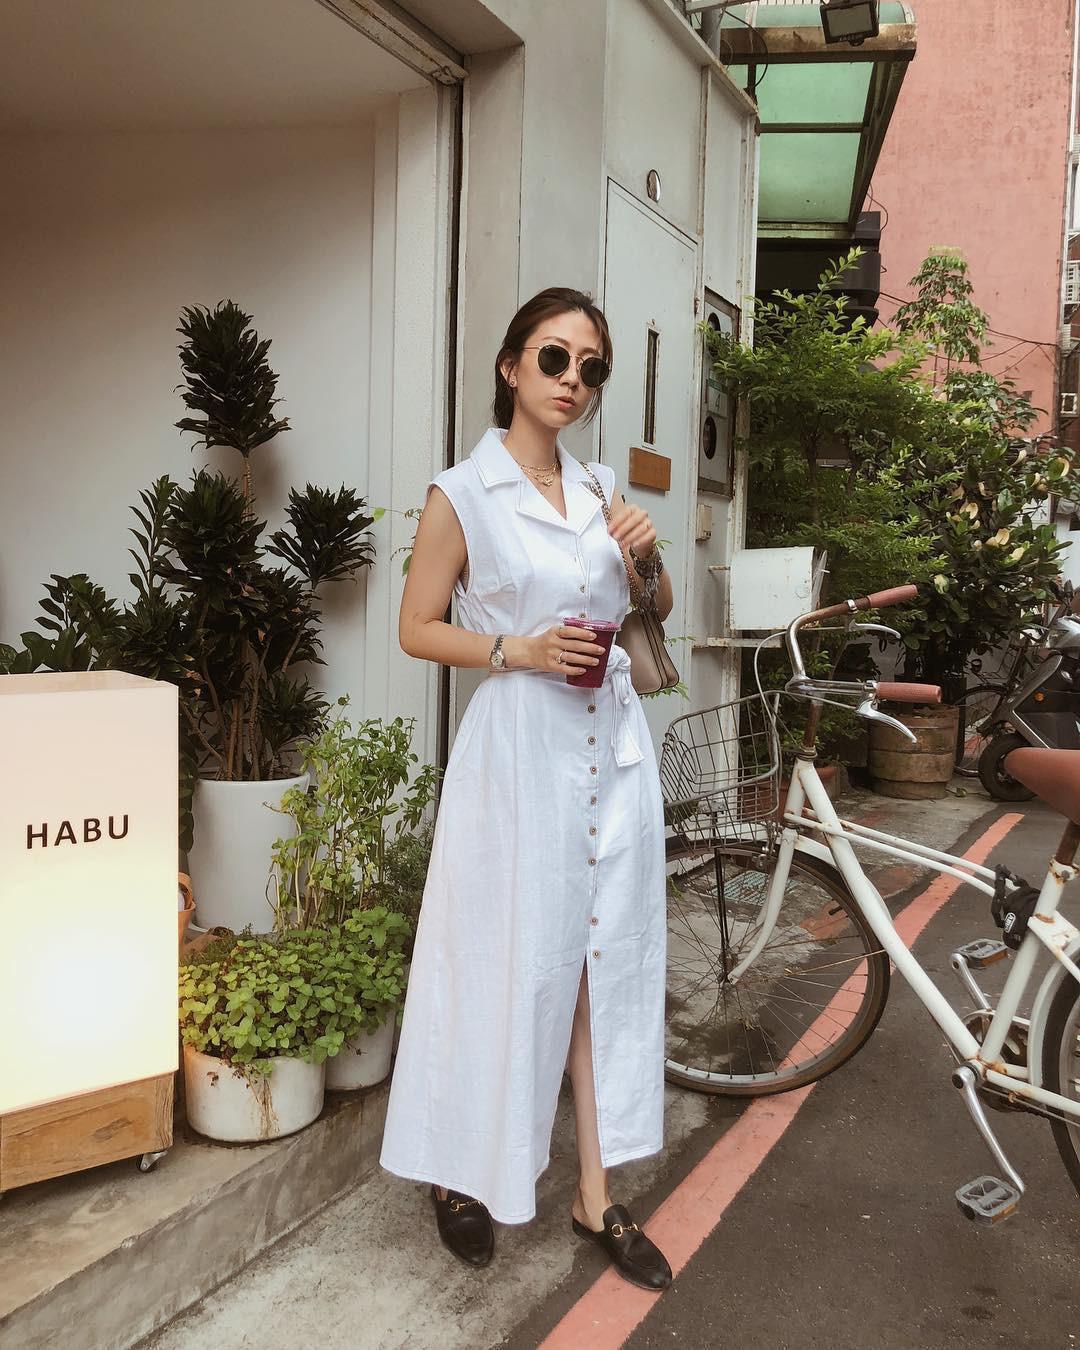 6 items thời trang các quý cô ngoài 30 tuổi cần có để thật xinh đẹp và cuốn hút trong mọi hoàn cảnh - Ảnh 11.